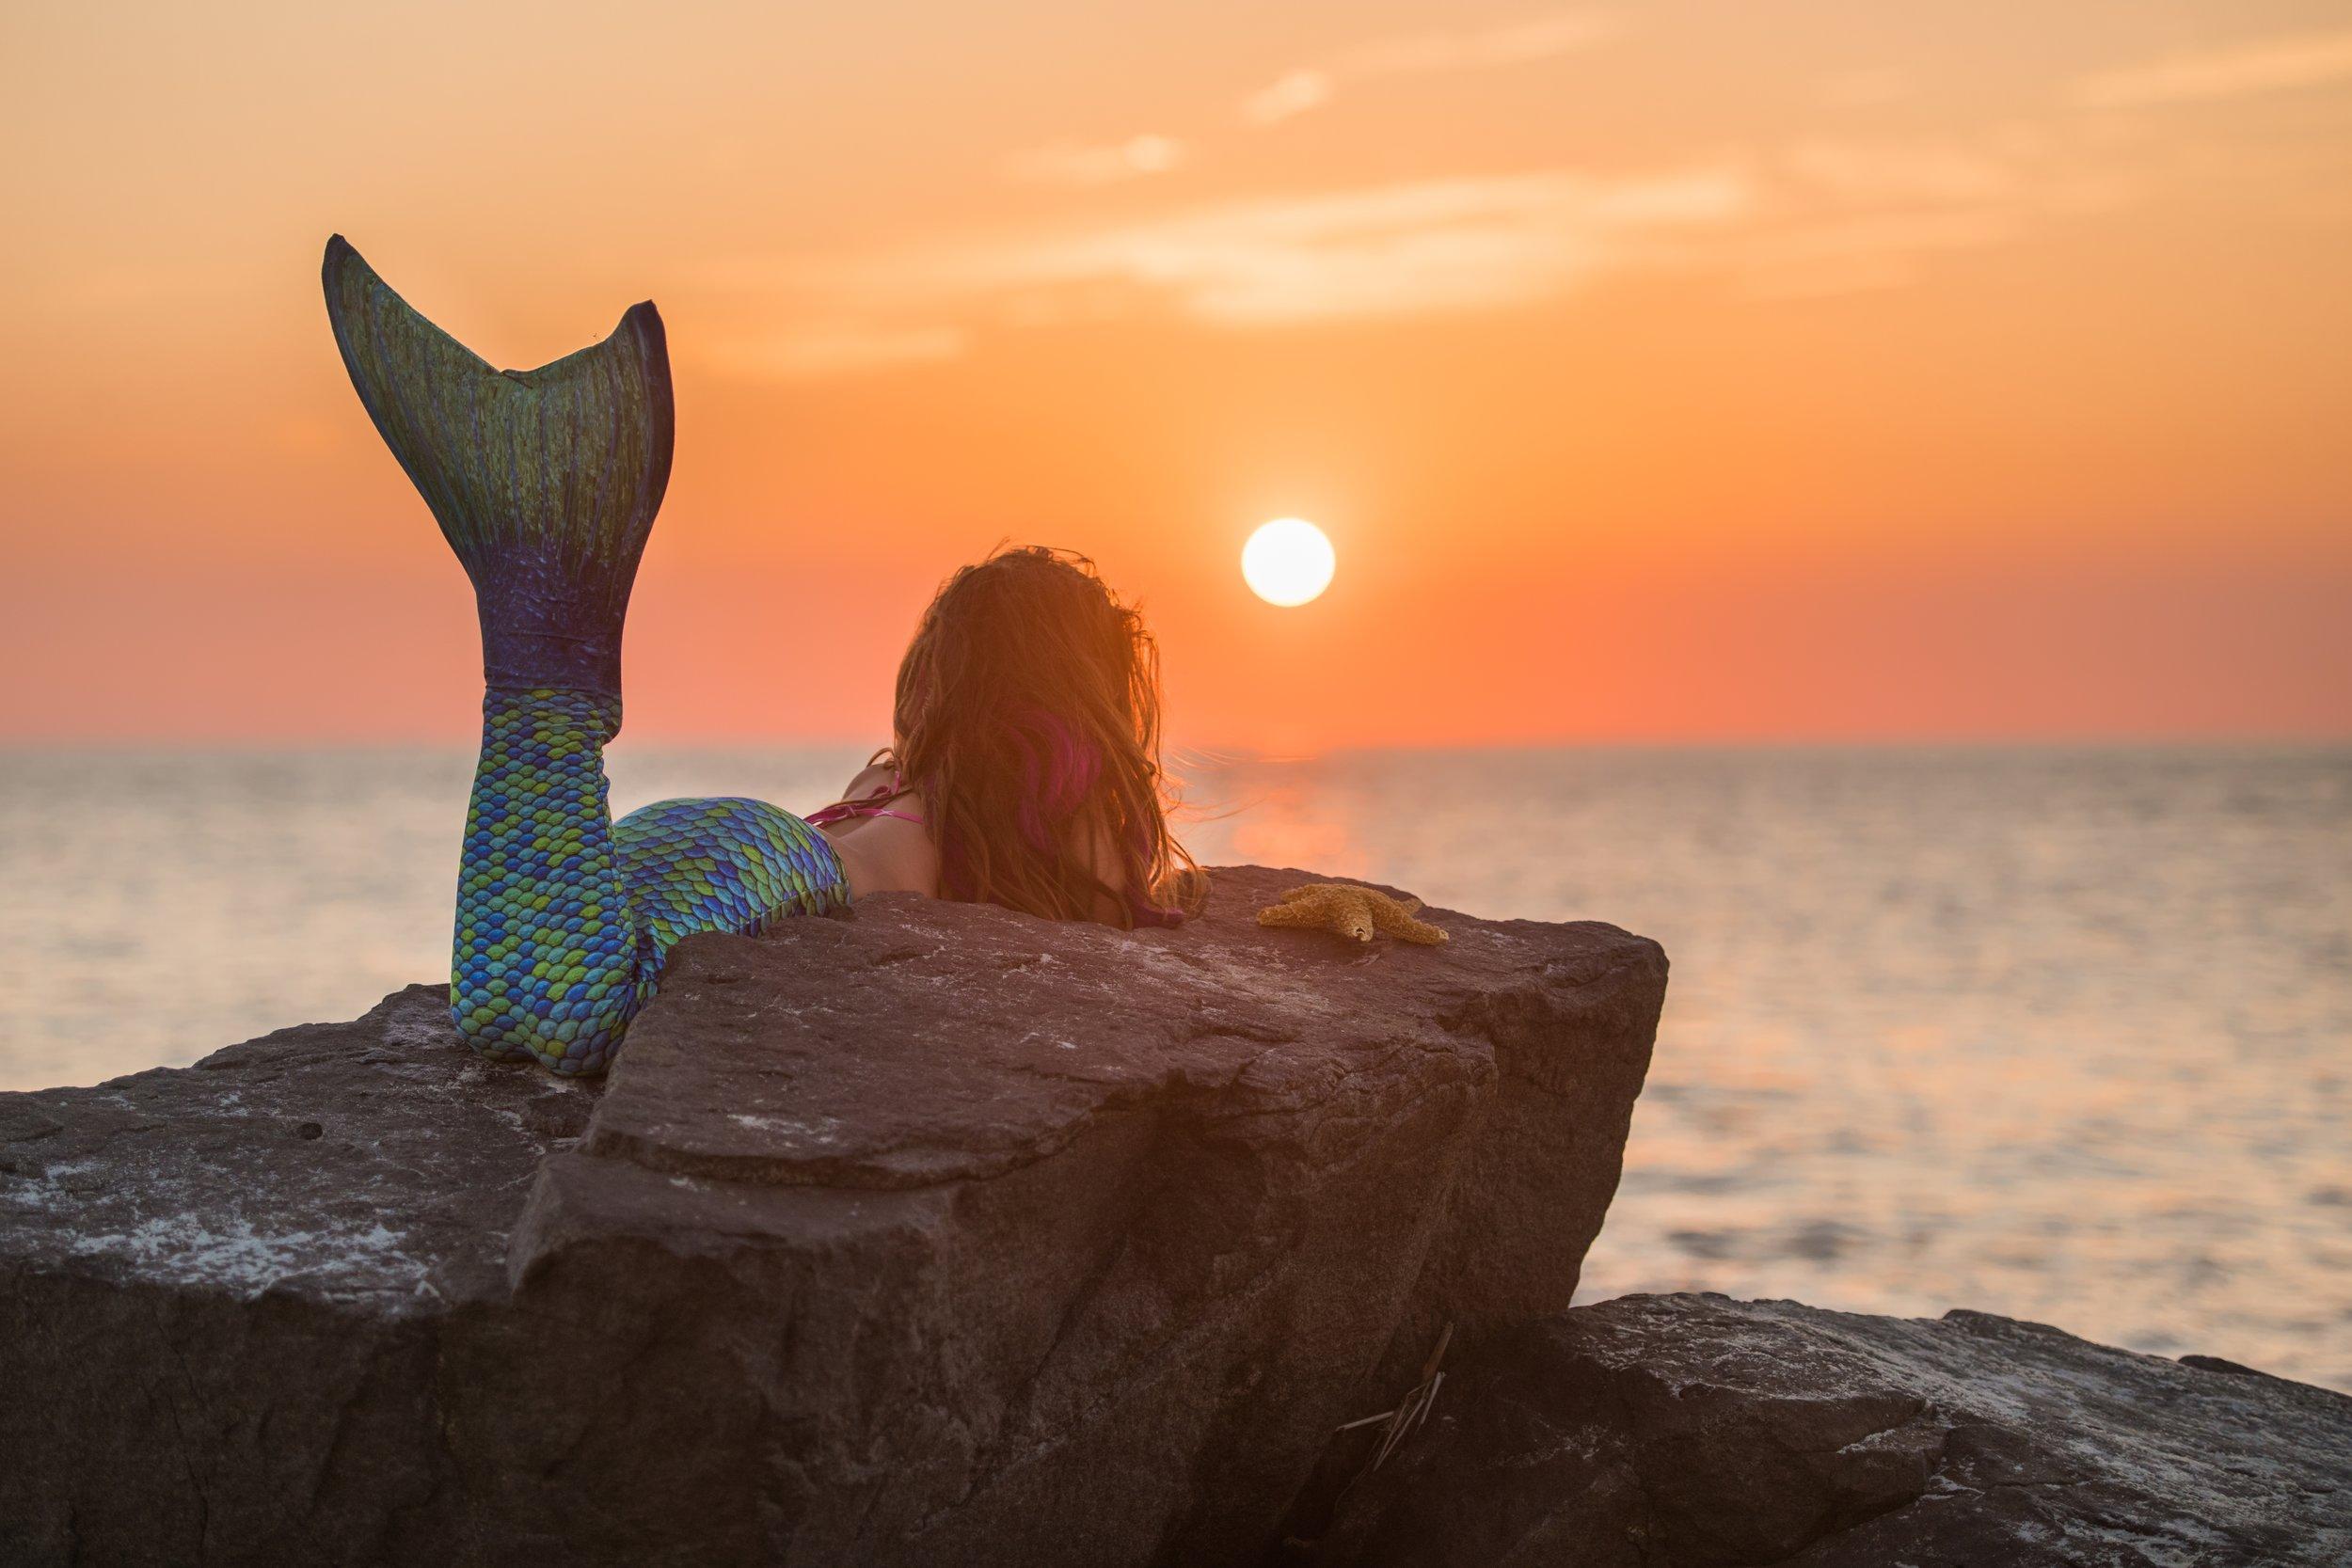 lauren mermaid 7.jpg